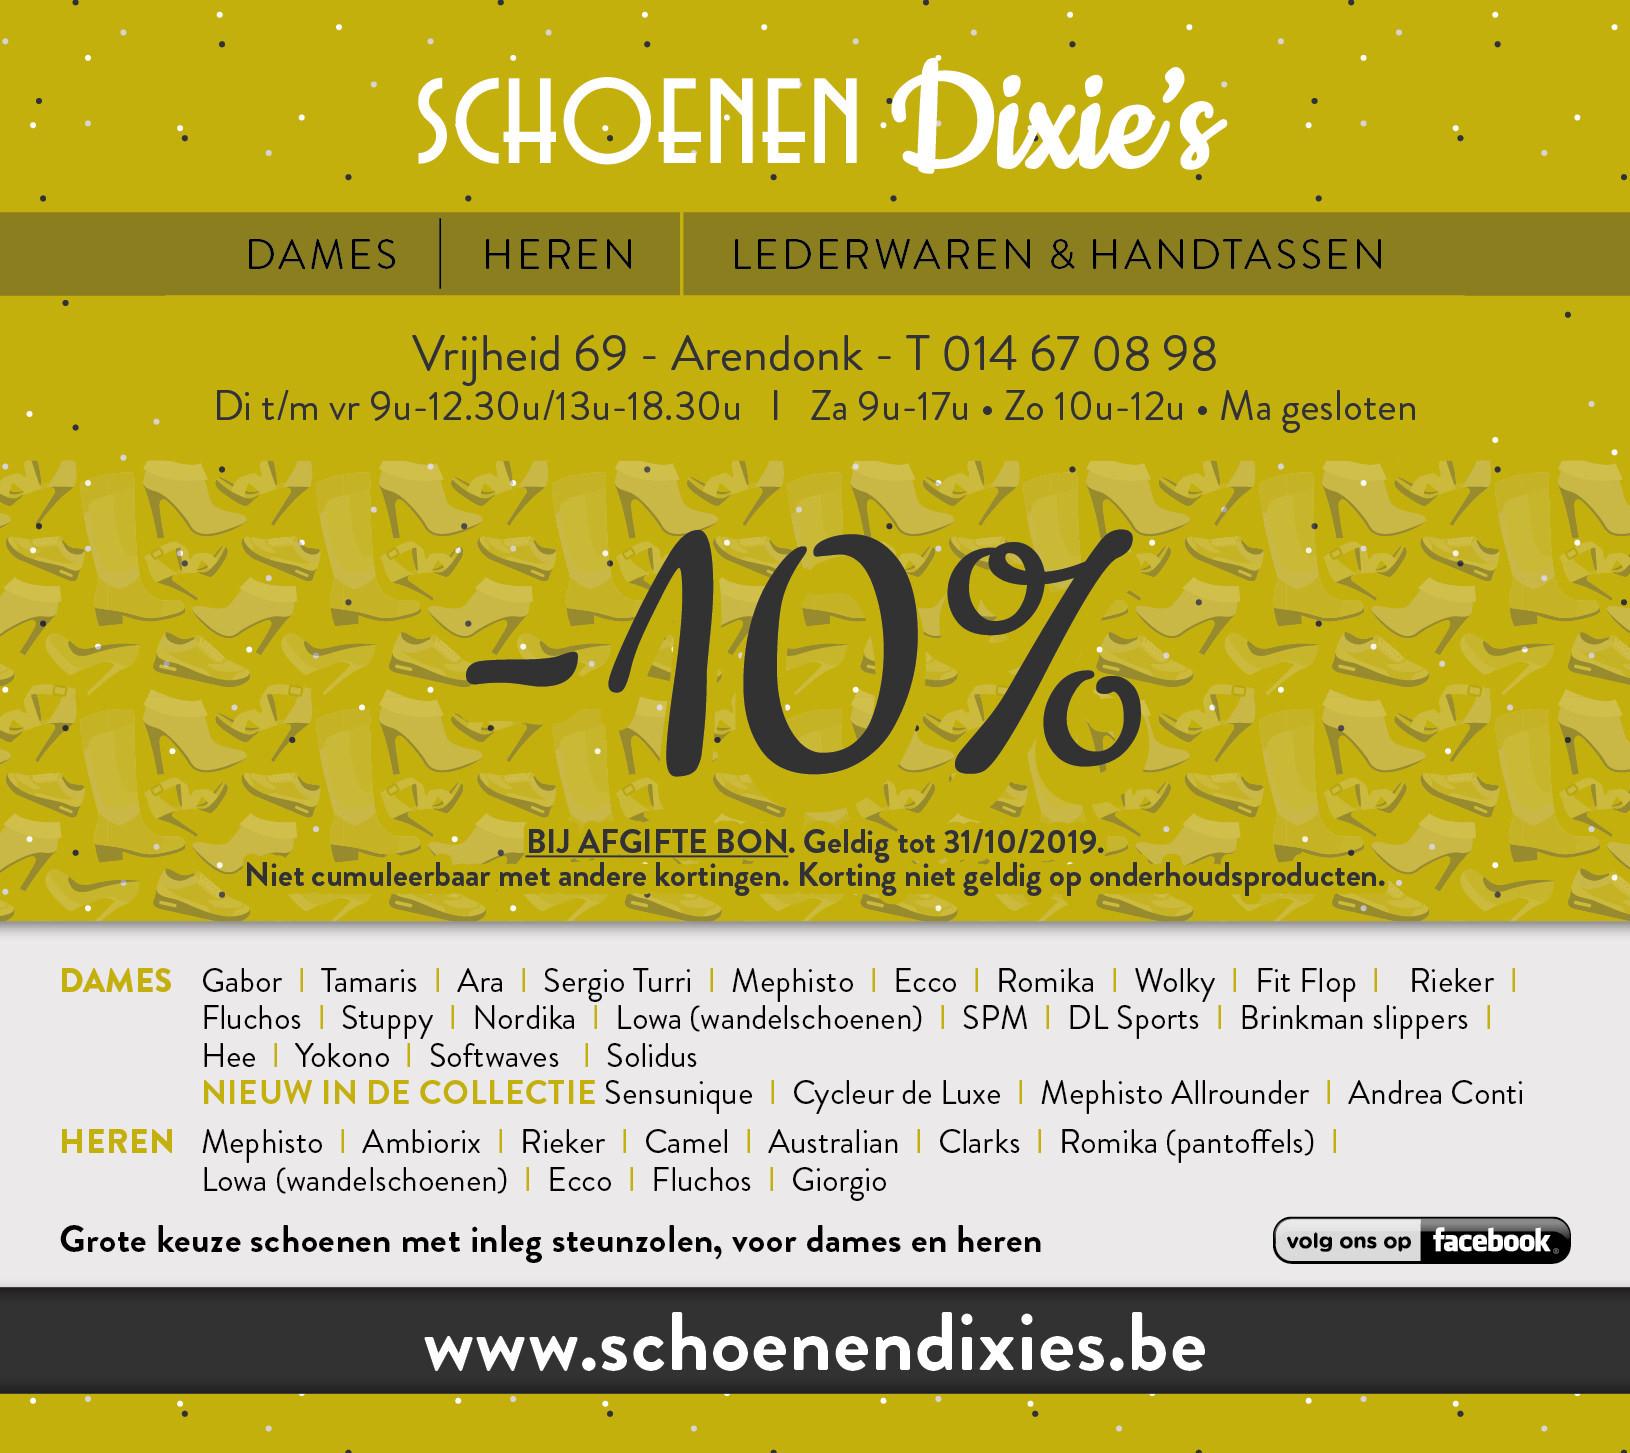 dixies_schoenen_arendonk_sept_2019.jpg